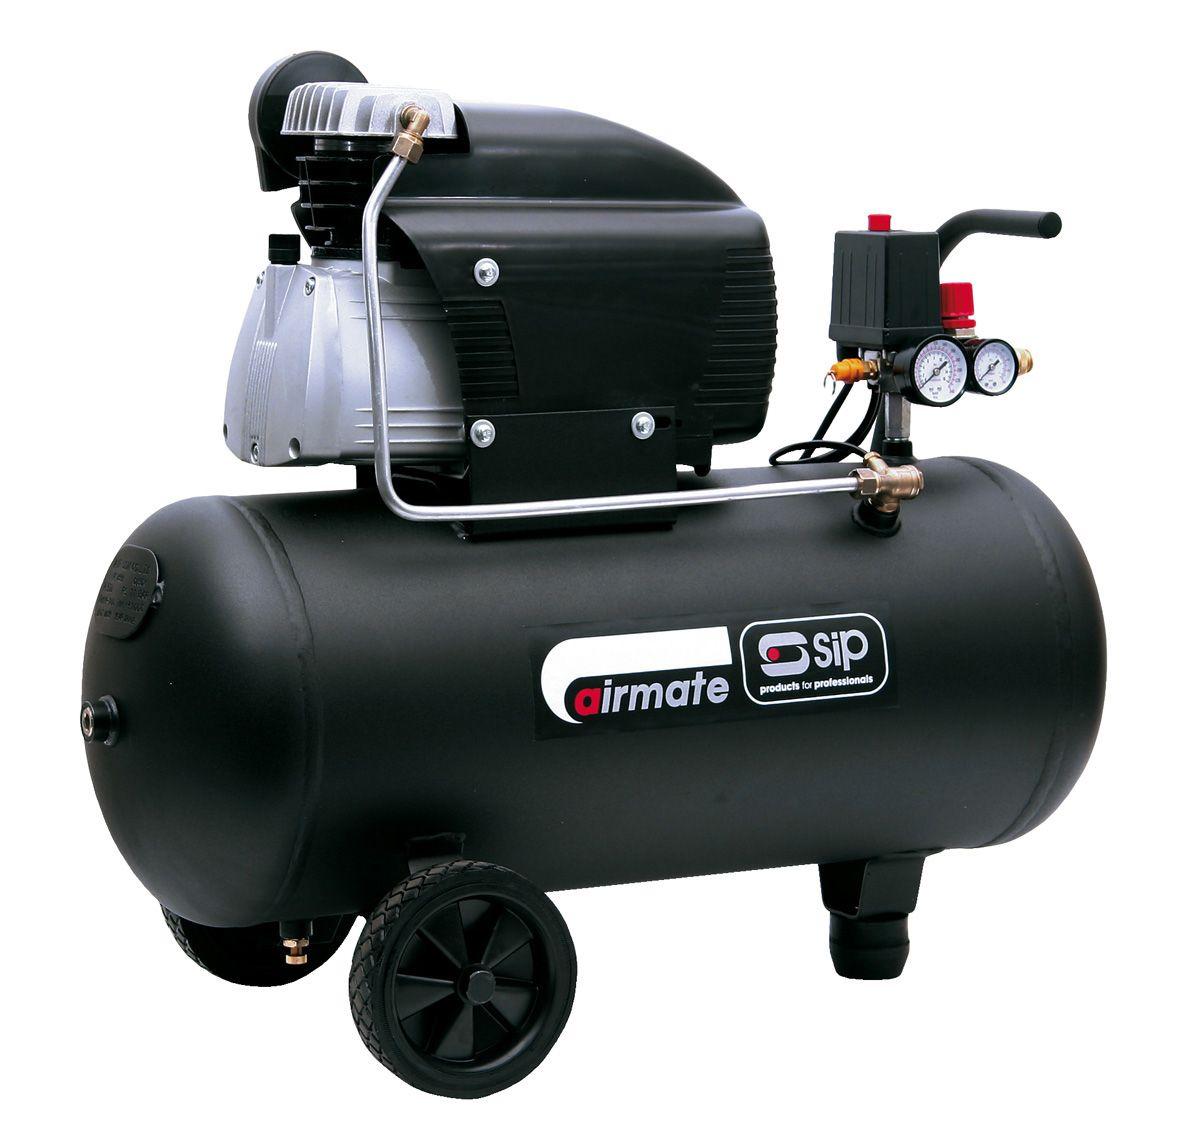 SIP Airmate TN2.5/50-D 50 Litre 2.5Hp Air Compressor 230V